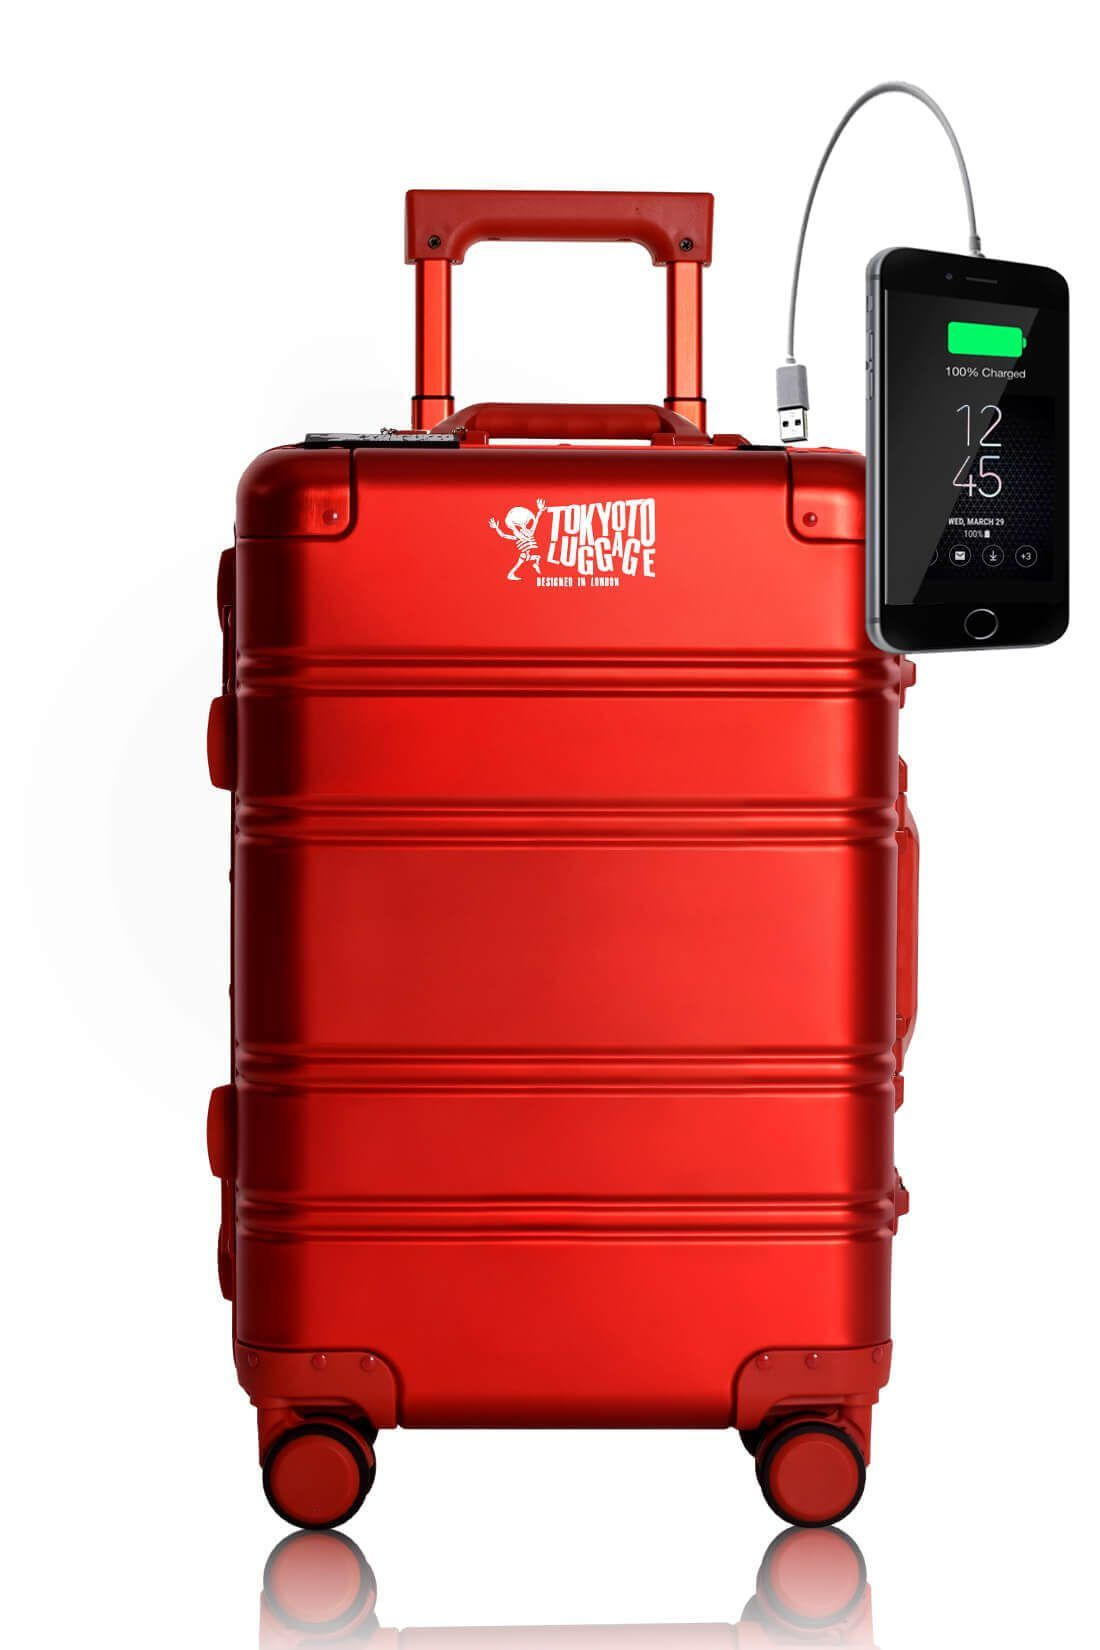 Valigia Alluminio Trolley da cabina divertimento online per giovani urbani con caricatore usb TOKYOTO LUGGAGE RED LOGO